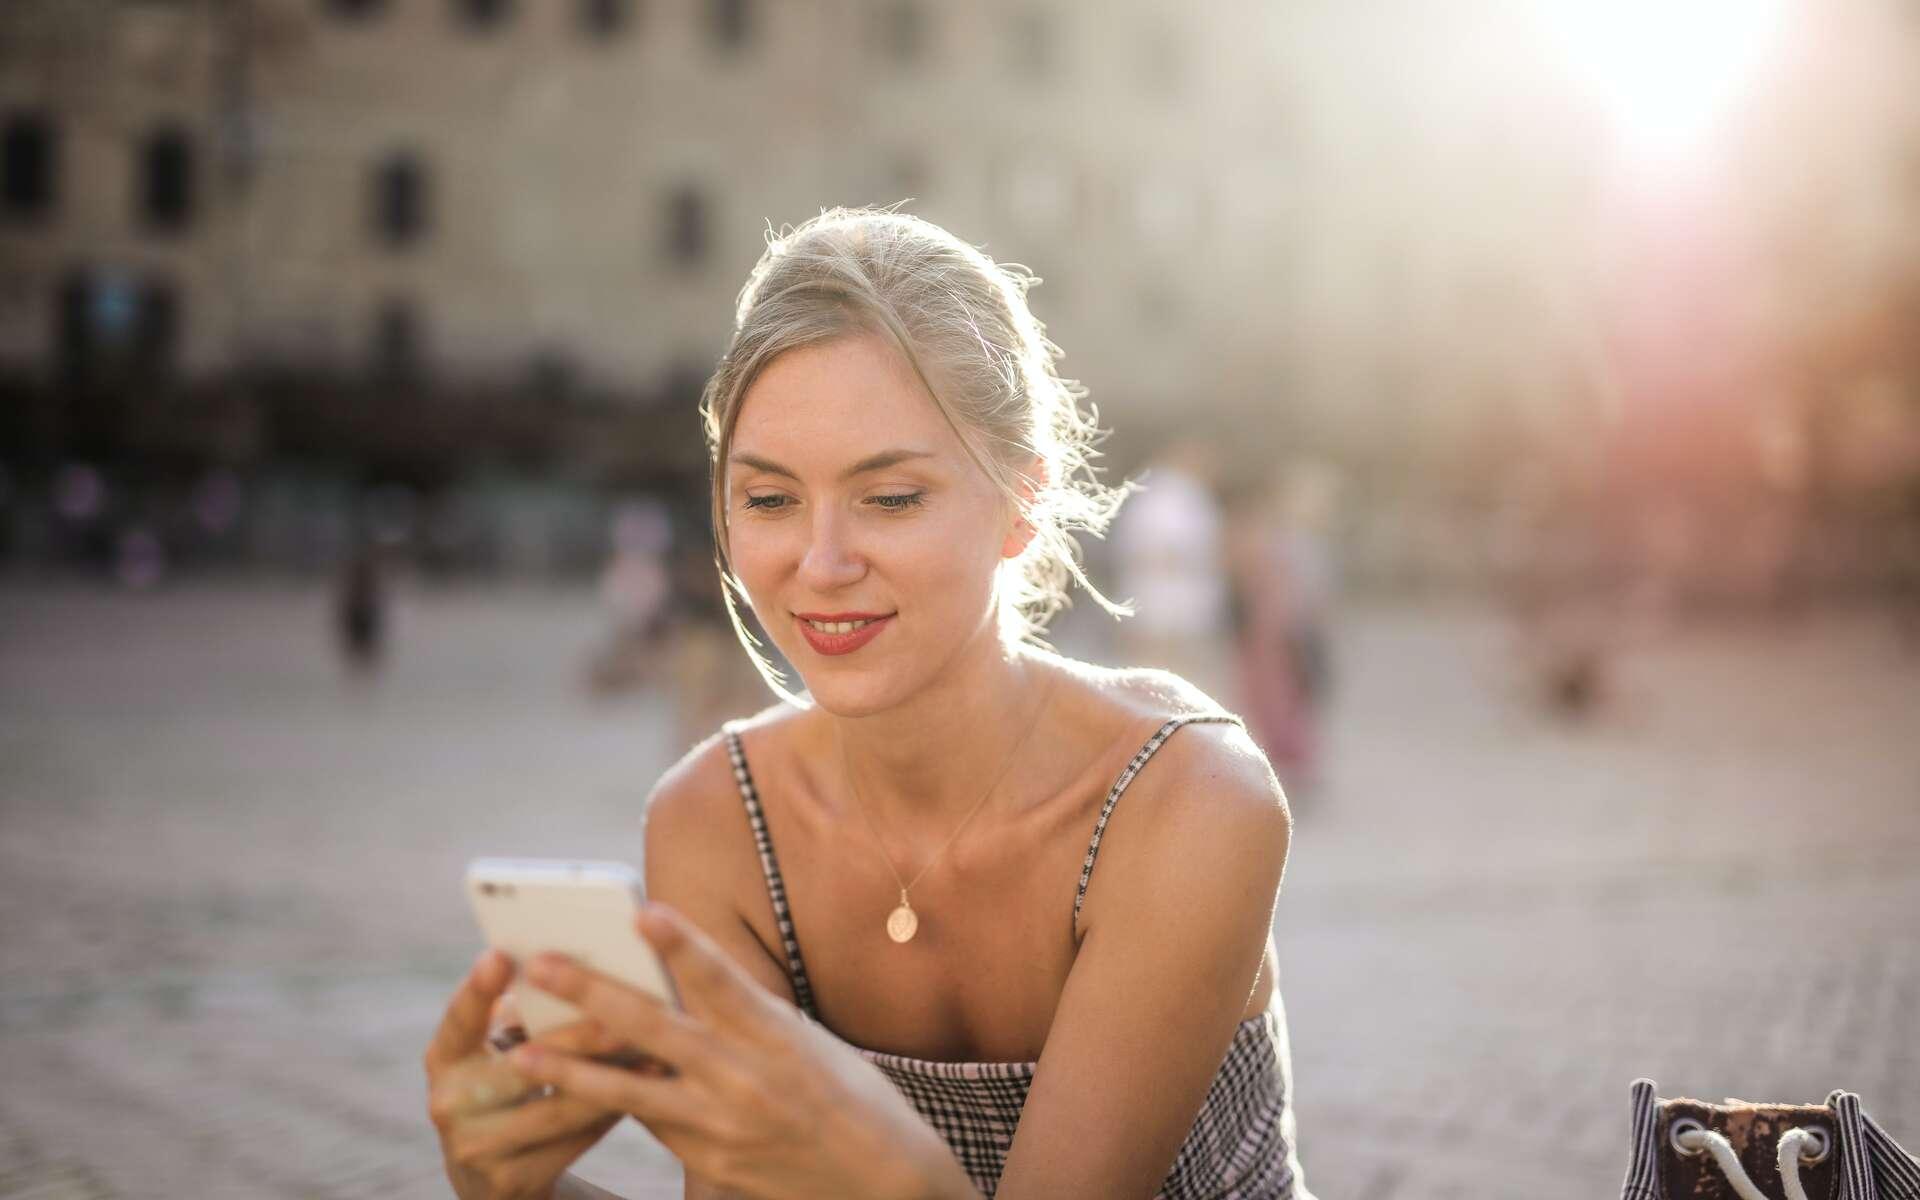 La Poste Mobile baisse les prix pour son anniversaire © Andrea Piacquadio, Pexels